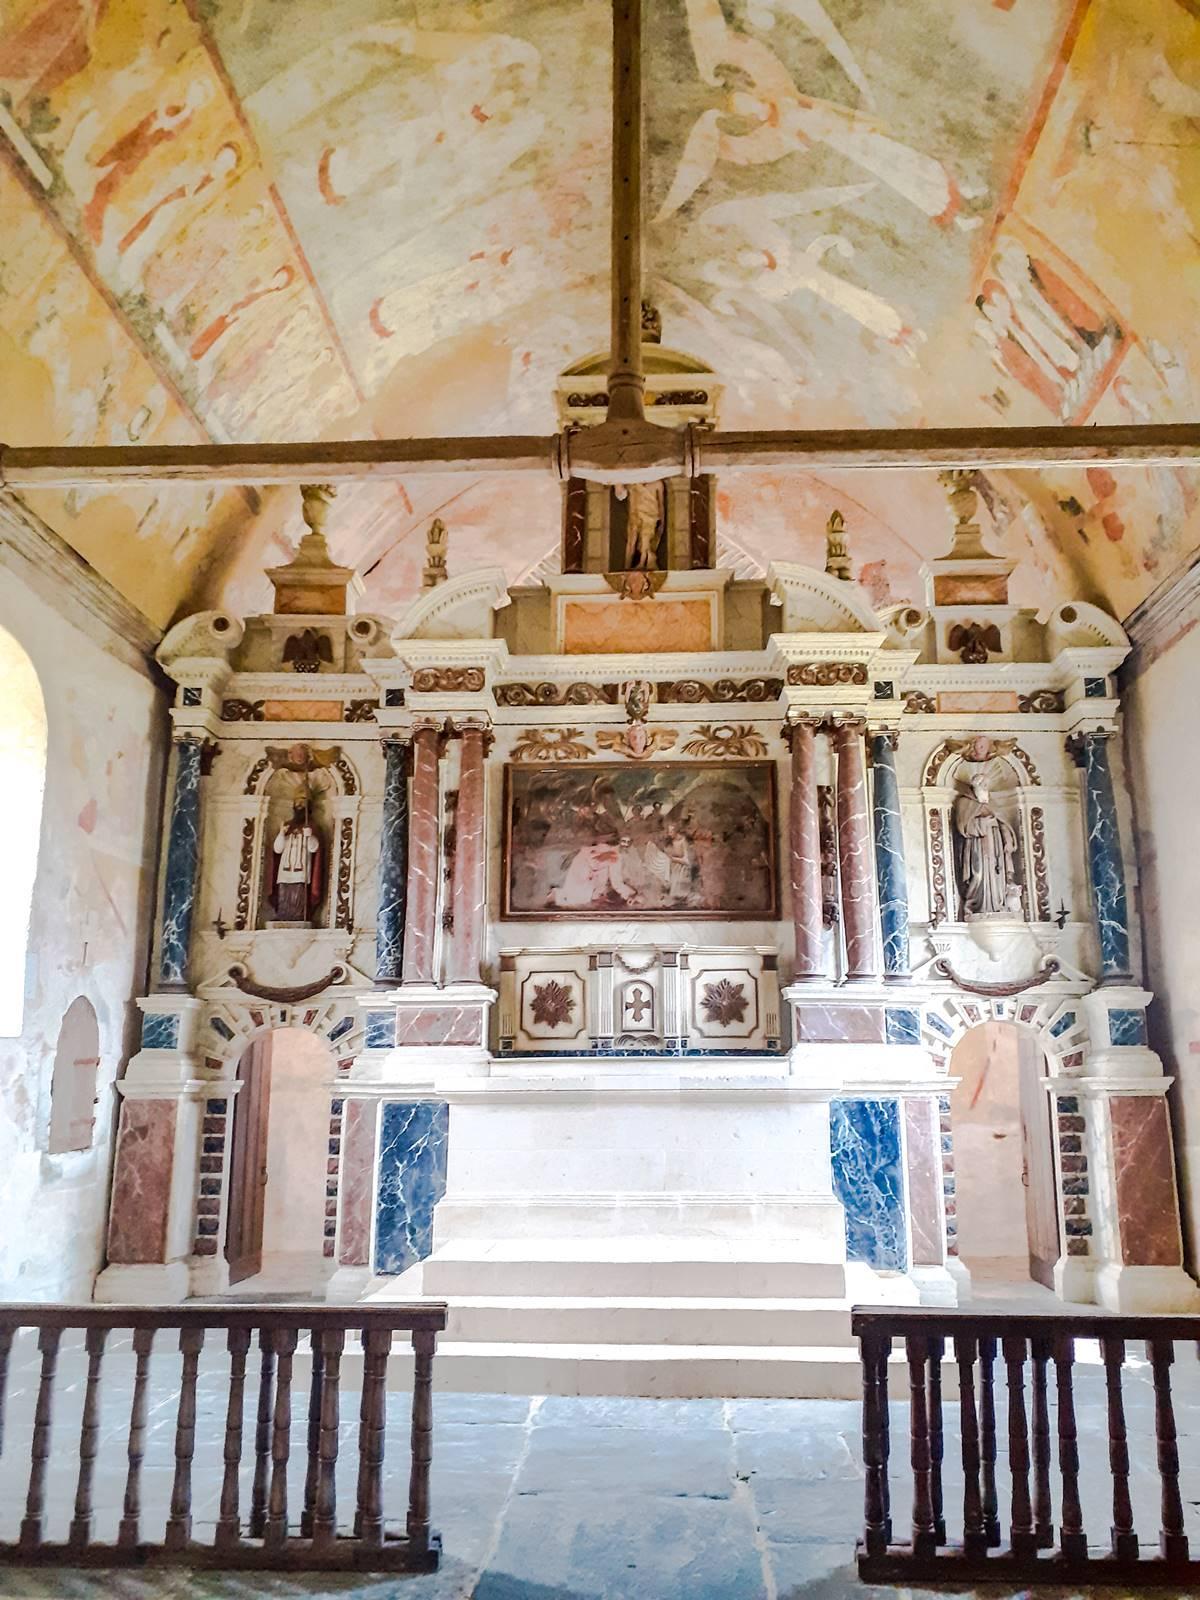 Egleglise du vieux bourg de saint sulpice002